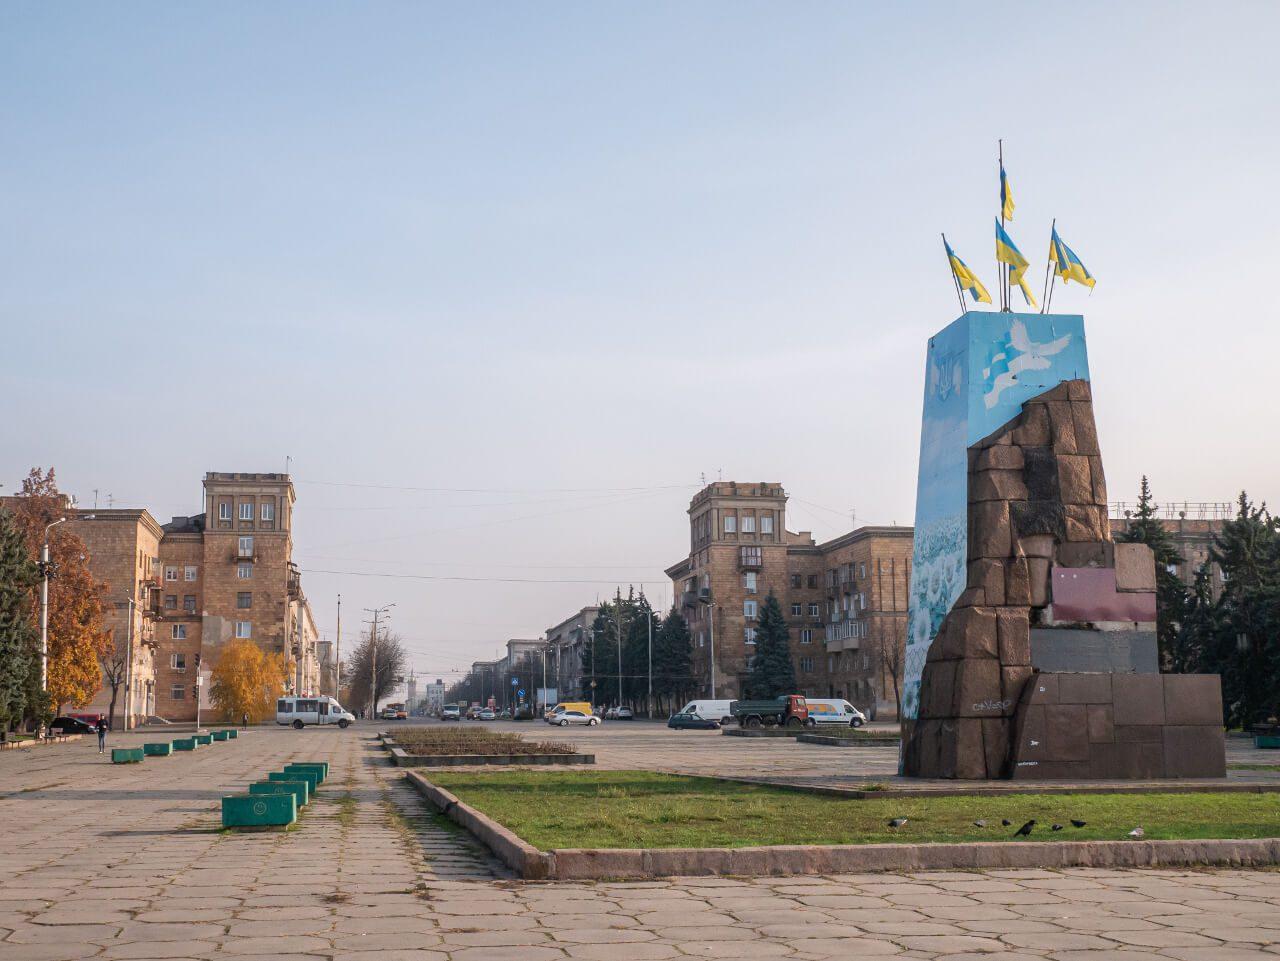 Dawny pomnik Lenina Zaporoże